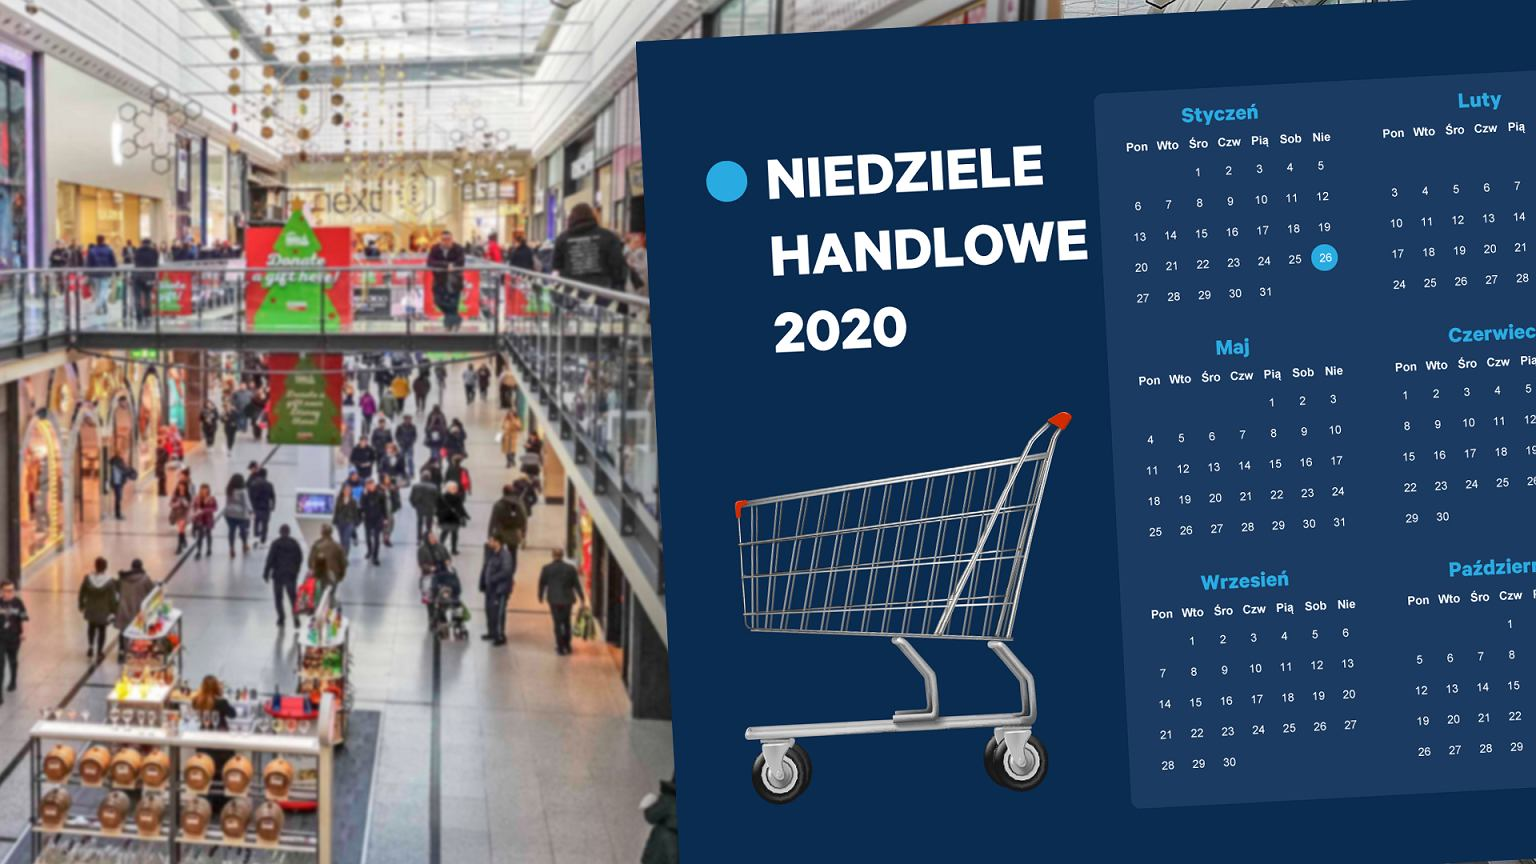 Niedziele handlowe 2020. Rząd jeszcze bardziej zaostrza przepisy. Kiedy zrobimy zakupy? | Biznes na Next.Gazeta.pl